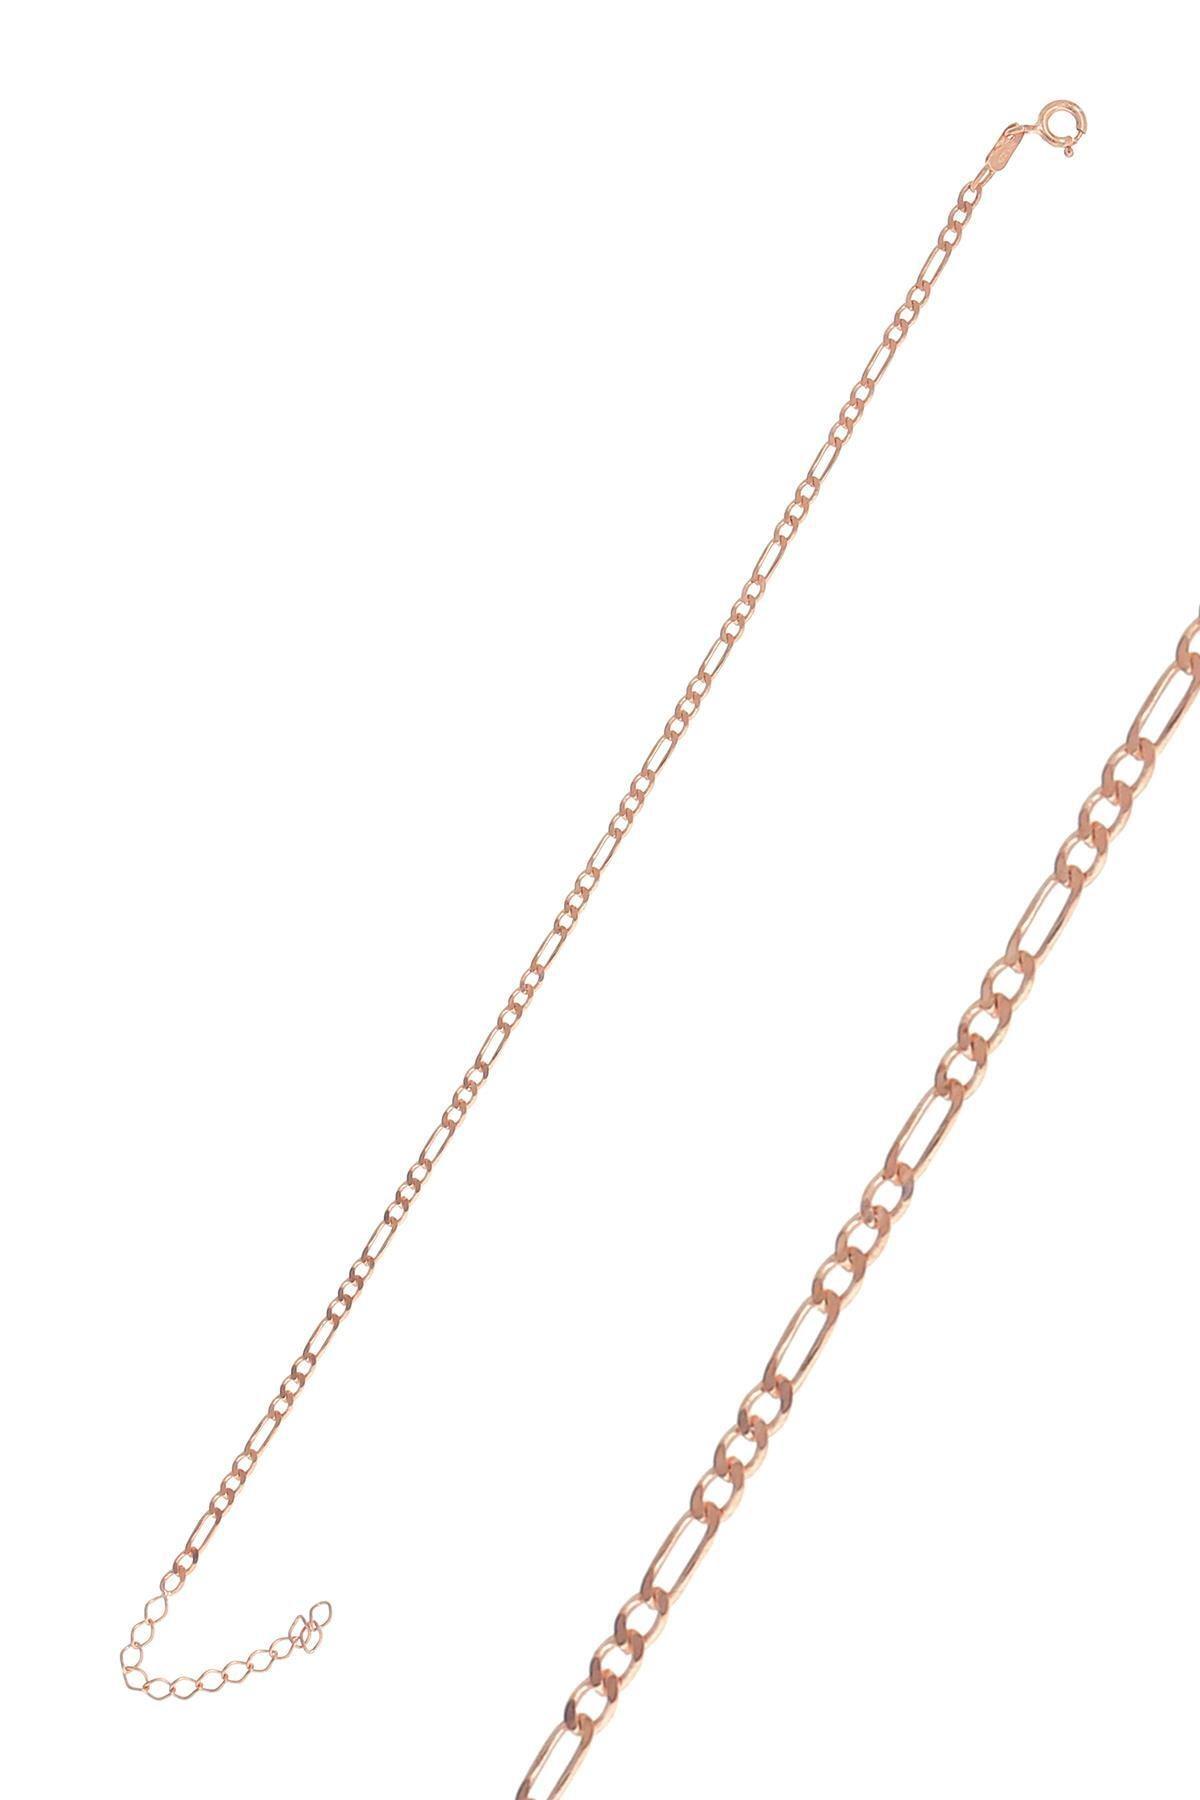 Söğütlü Silver Gümüş Rose Figaro Zincir Bileklik 0